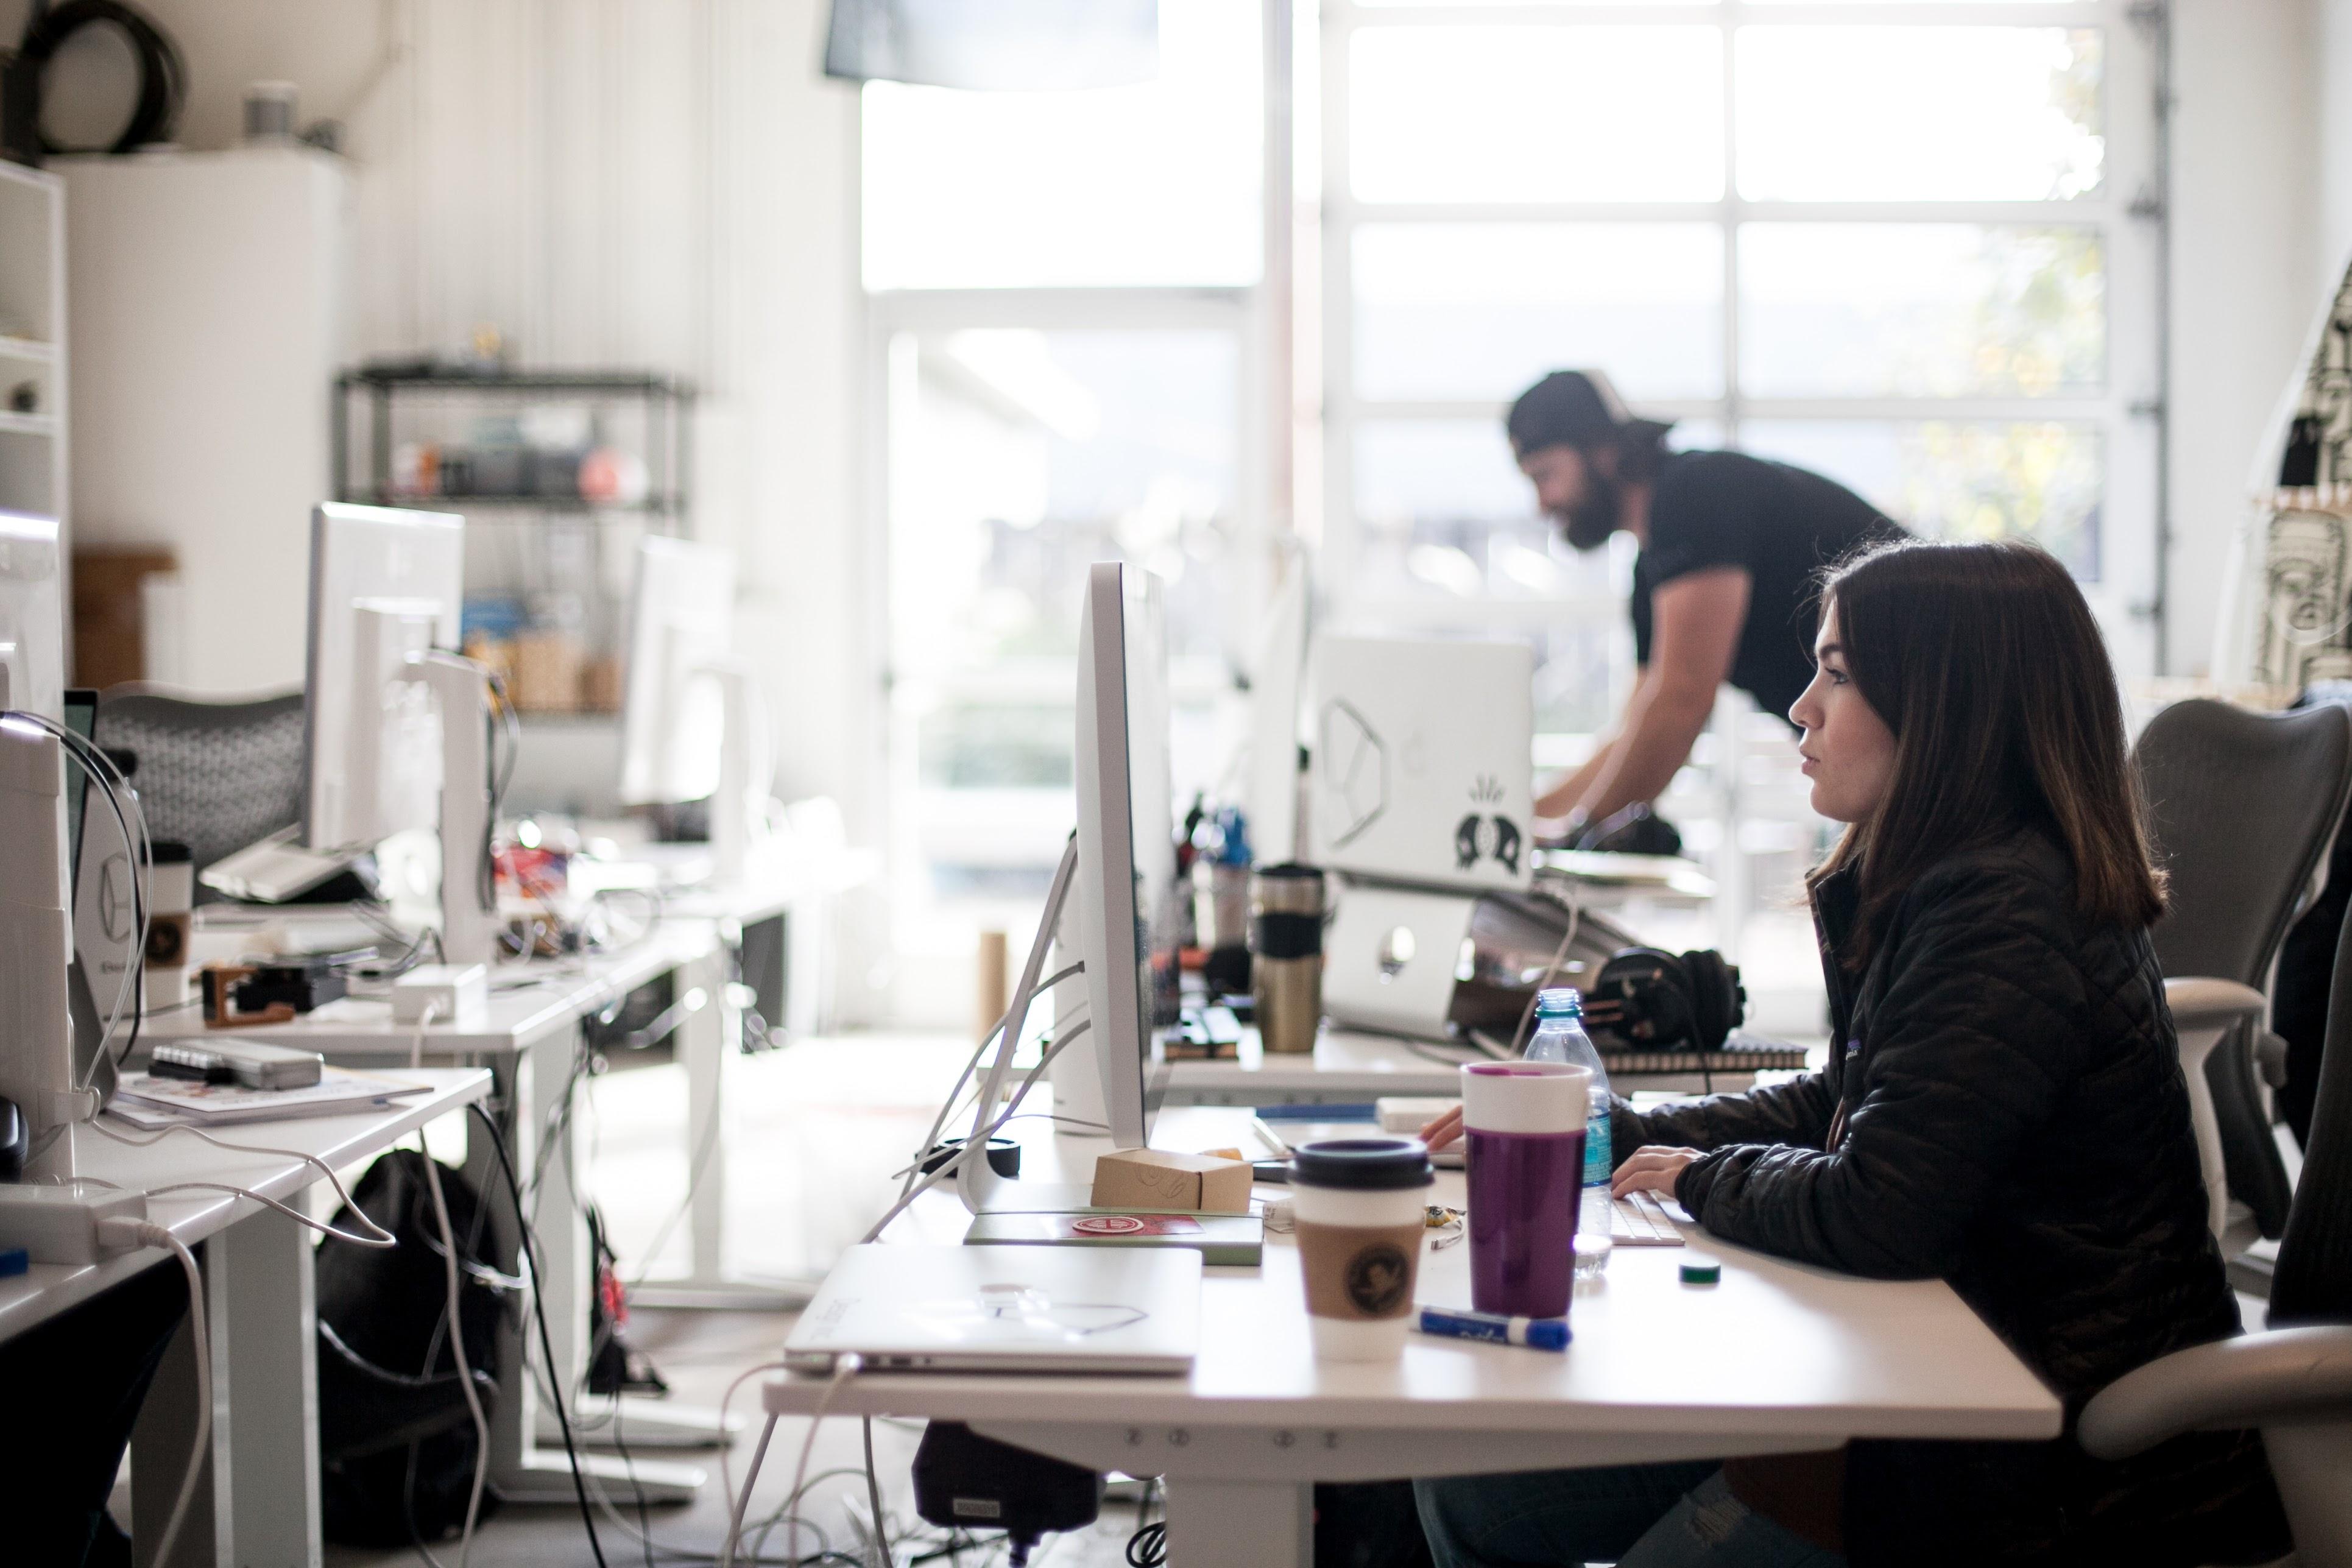 Sitzt Du Noch Oder Stehst Du Schon? Stehtische Sind Hoch Im Trend – Auch Bei Den Schweizer Coworking Spaces!